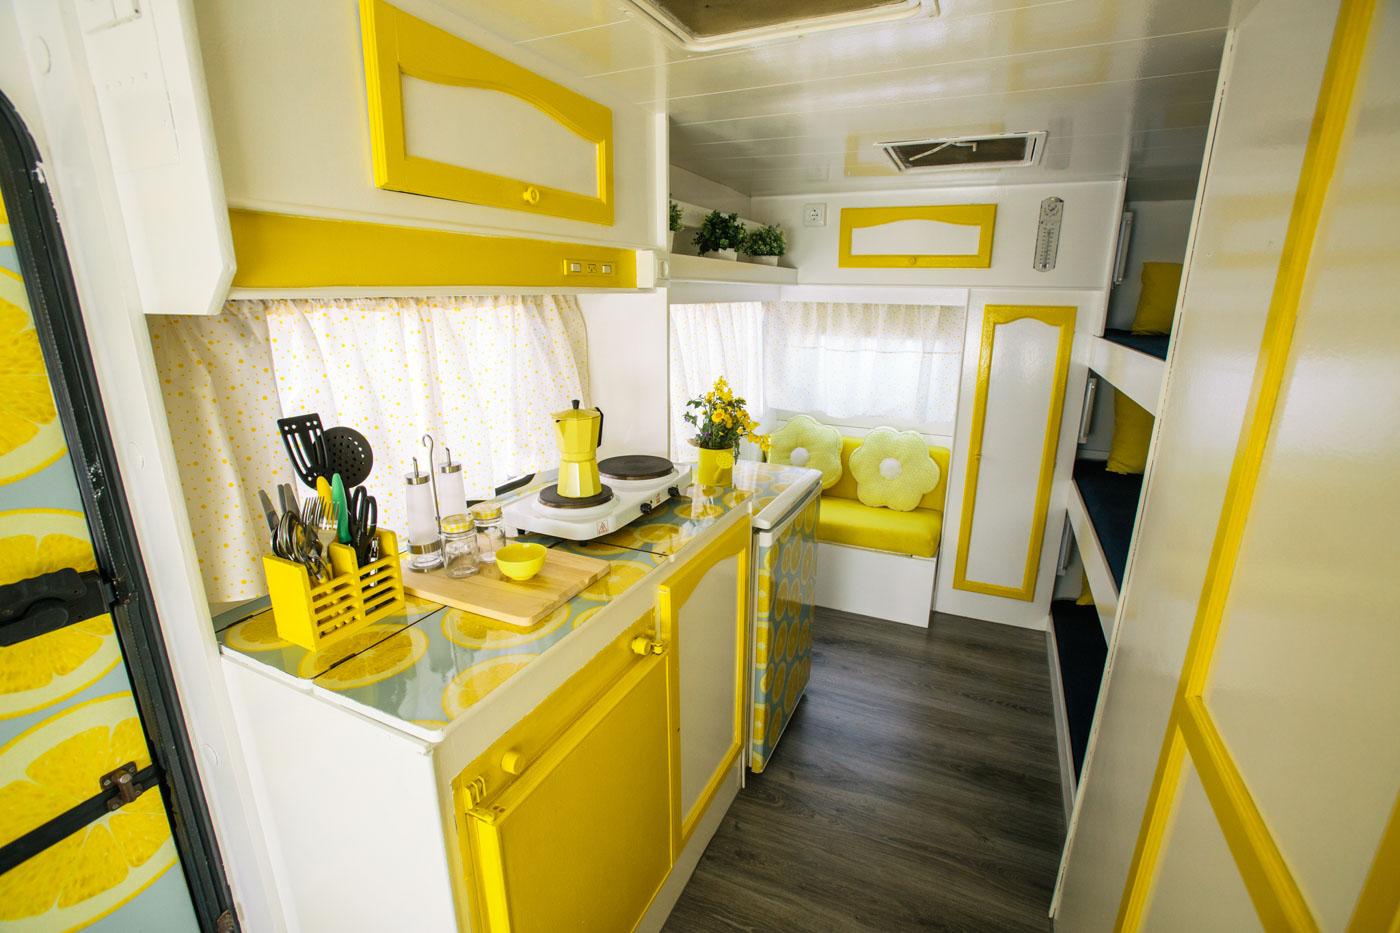 Camping miramar - Casas decoradas por dentro ...